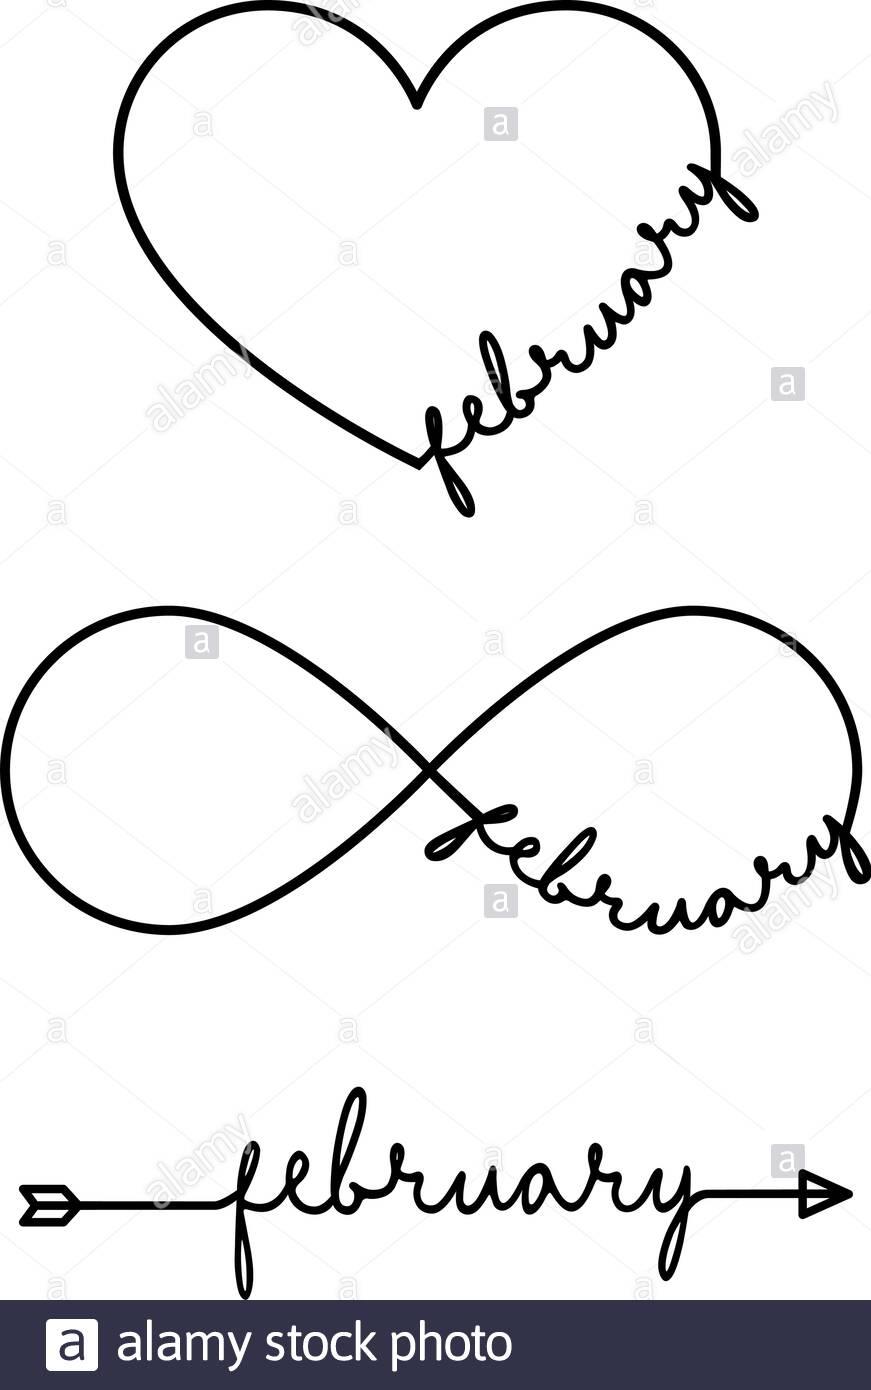 Février - Mot Avec Symbole De L'infini, Dessinés À La Main intérieur Mot Fleché En Ligne